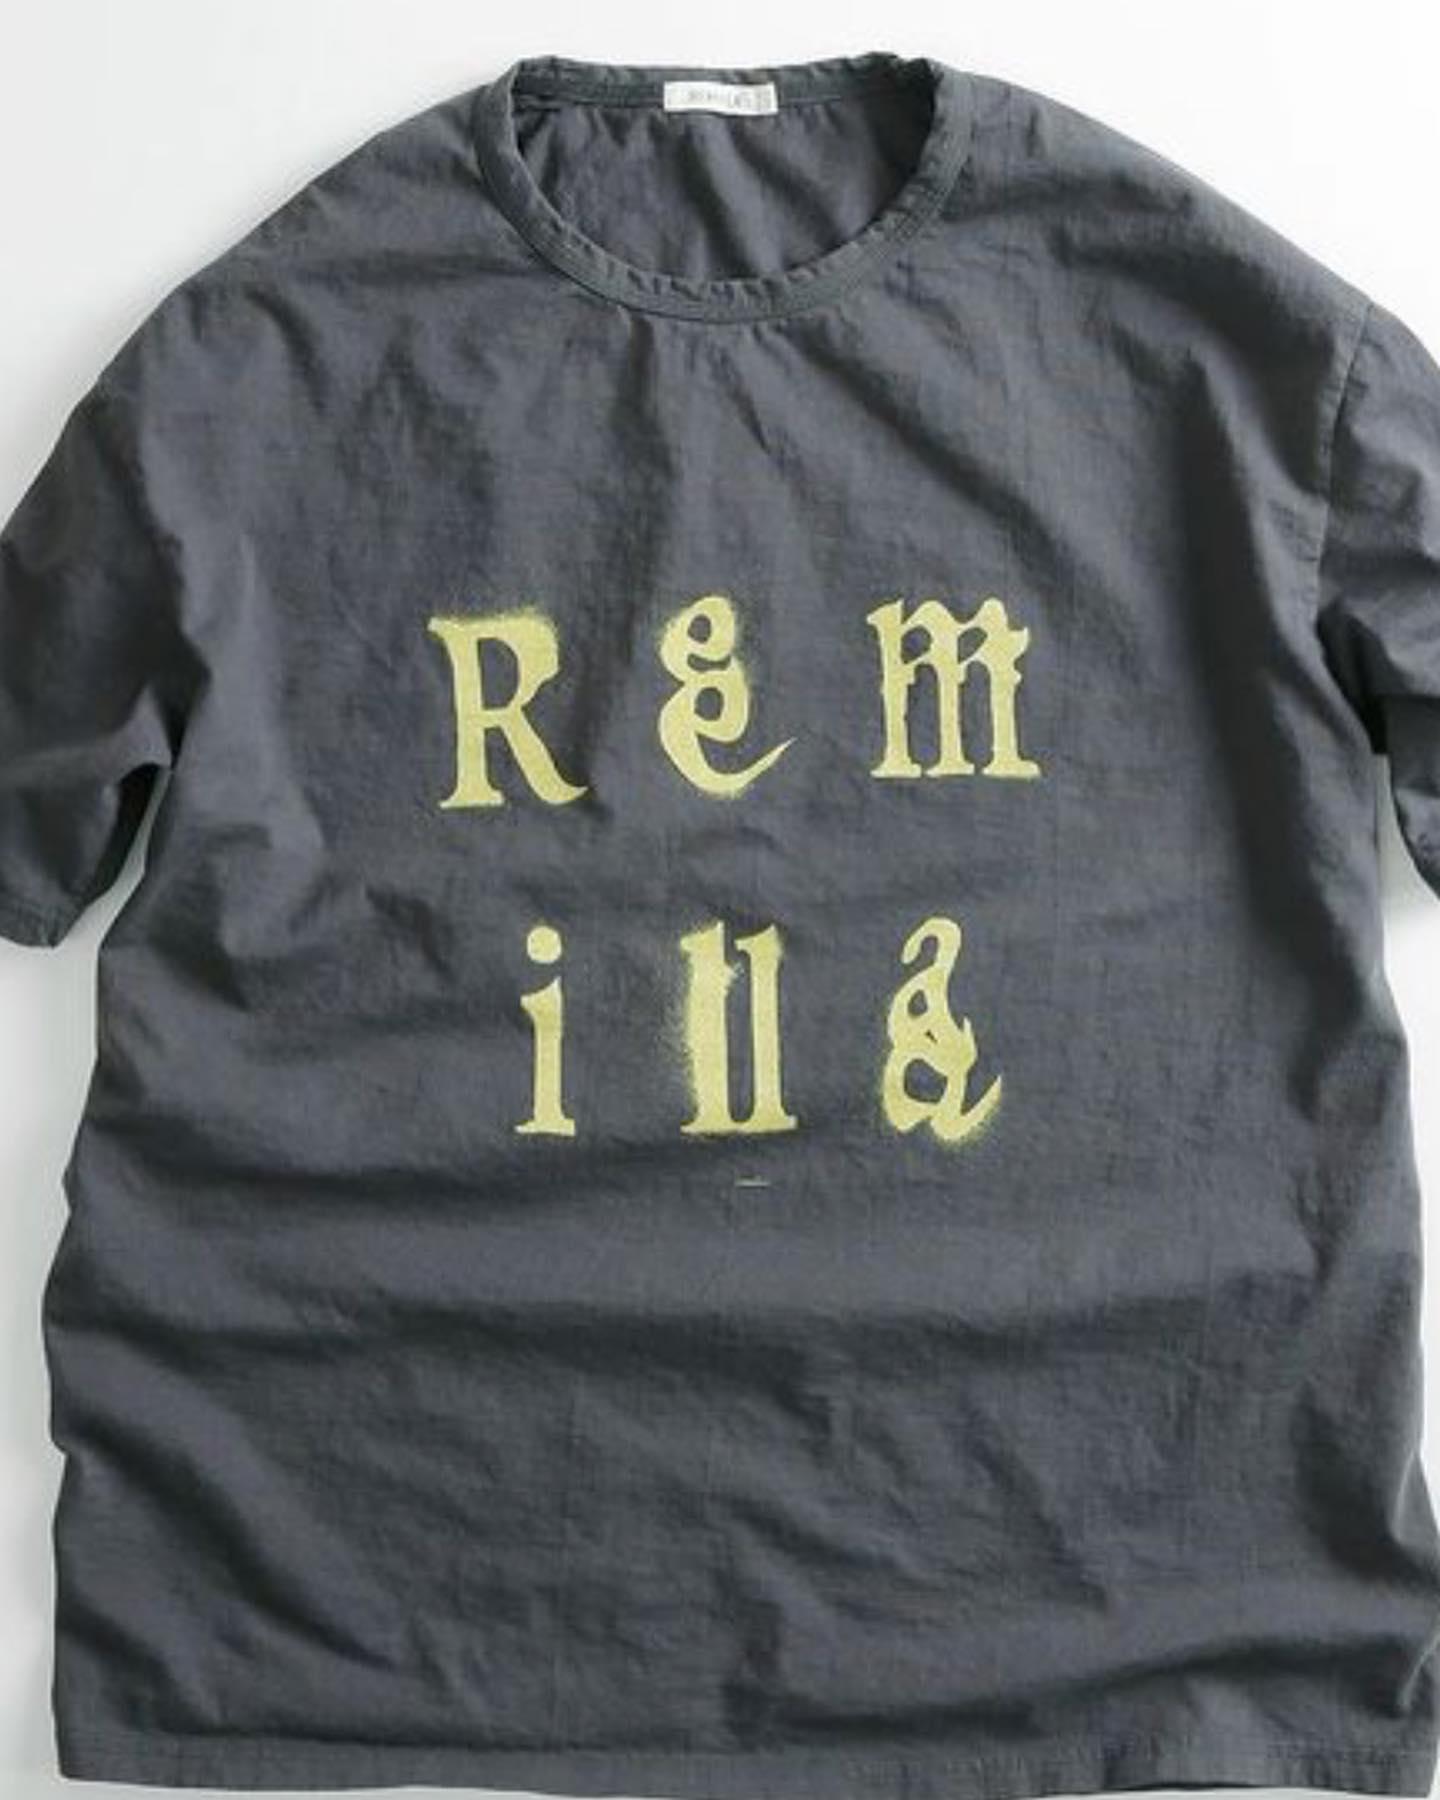 remilla tee 入荷です。着心地の良さはもちろんのこと、シンプルの中にもボディとステンシルの色のバランスも抜群にハマる。レミーラ の動きのあるtee でこれからの季節は決まり#レミーラ #remillaclothing #remilla #スケート #夏のコーデ #アパレル #長く着られる大人服 #愛着のある服 #ヘビーユーズ #薪作業はまだまだ続く #薪ストーブのある暮らし #八ヶ岳の薪ストーブ専門店 #ストーブハウス原村 #八ヶ岳 #原村 #富士見 #蓼科